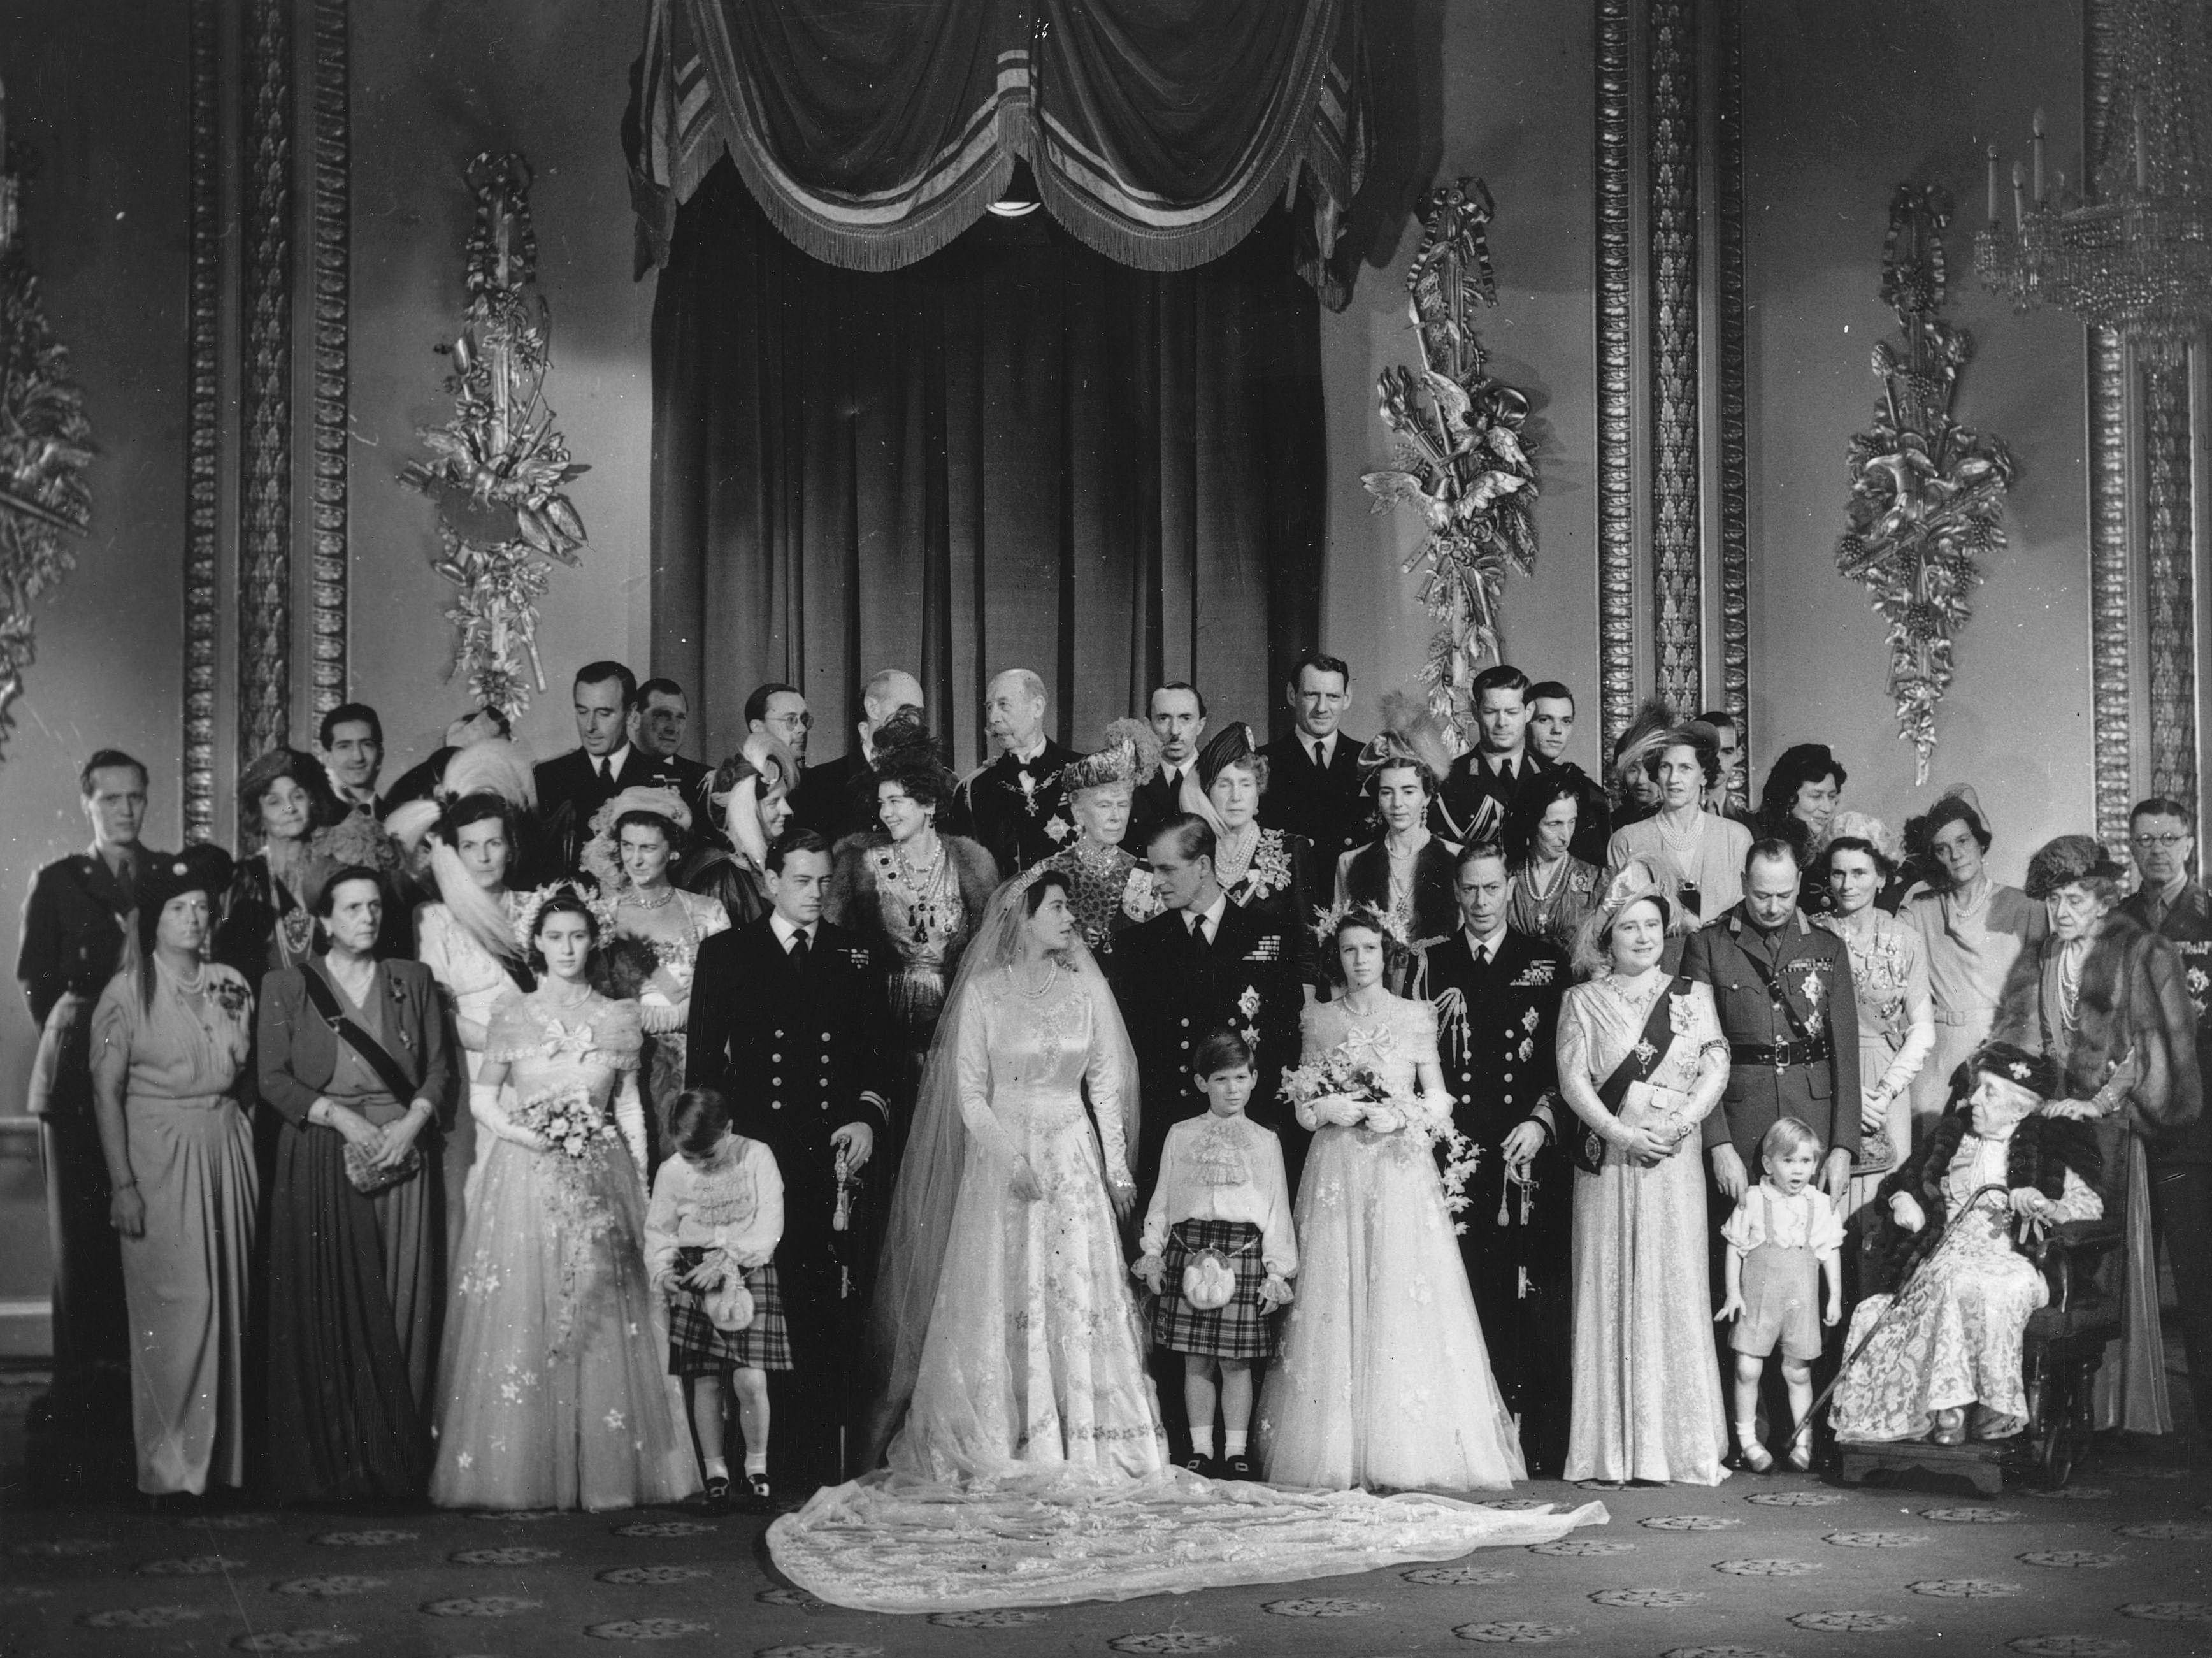 エリザベス2世女王とフィリップ王子とその家族